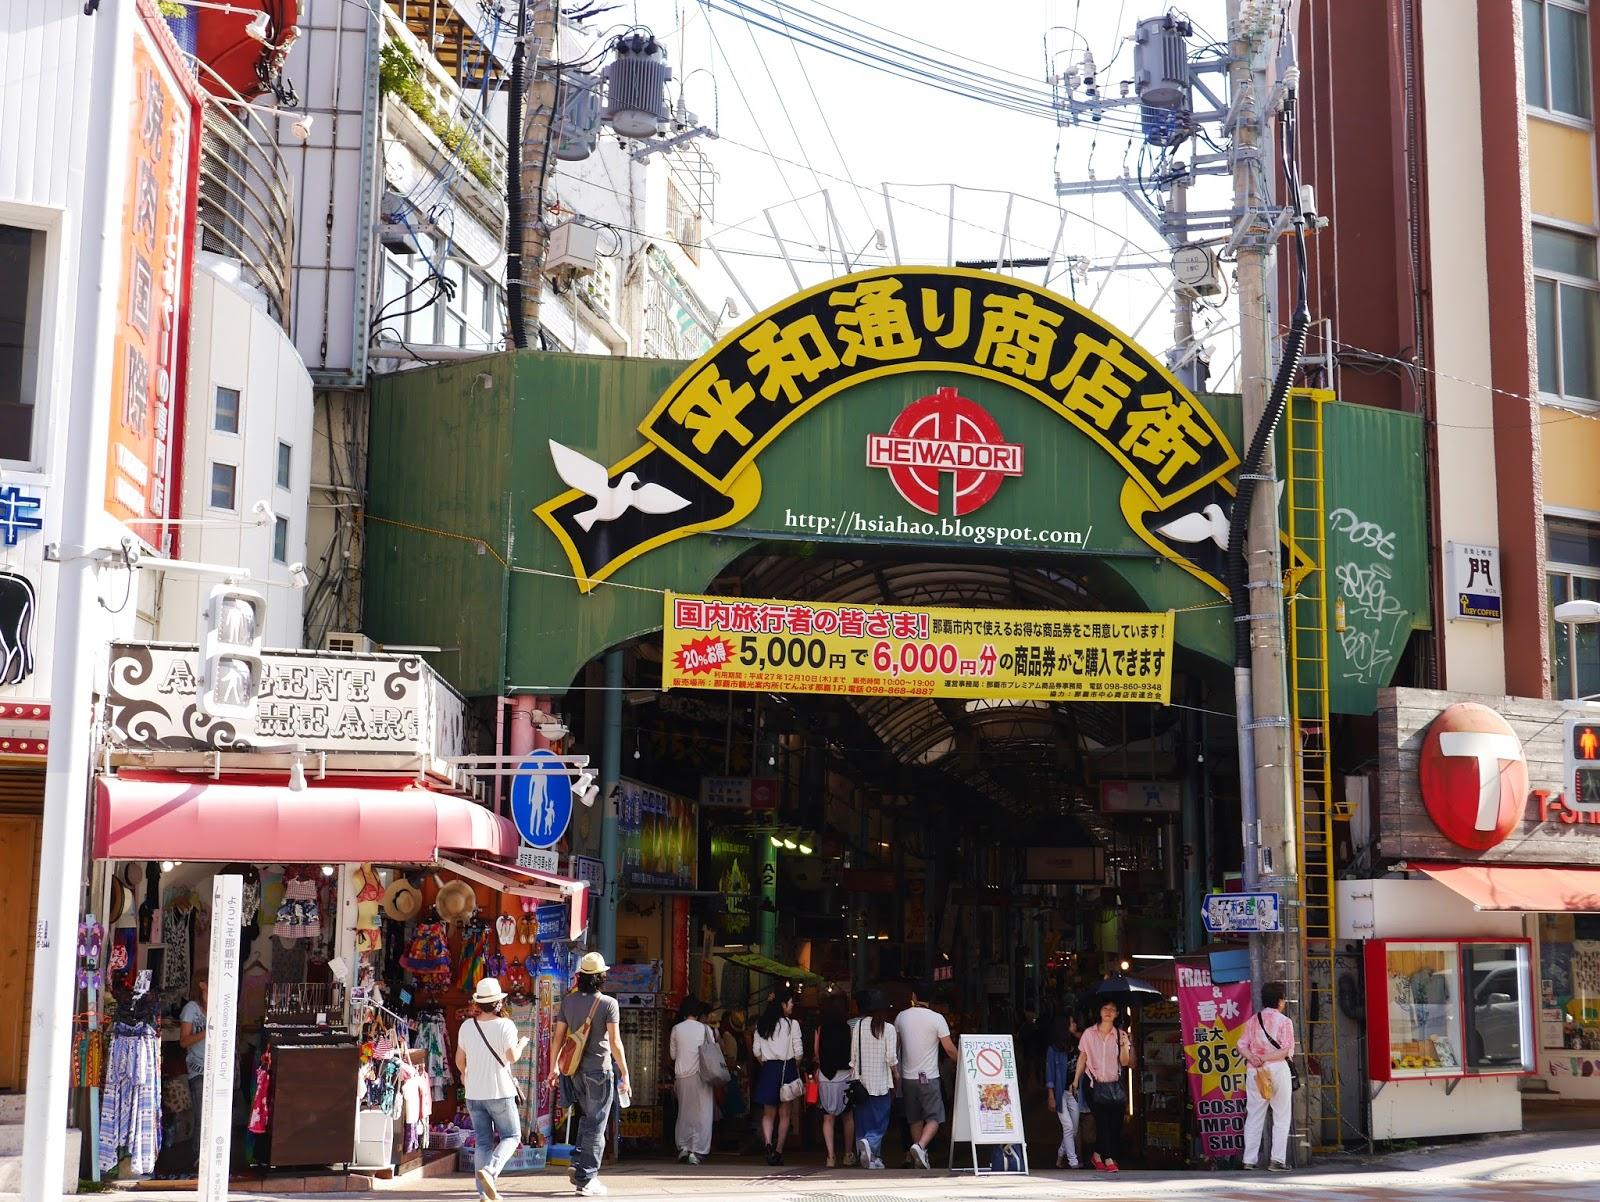 沖繩-國際通-平和通-牧志公設市場-浮島通-國際通逛街-國際通購物-逛街-國際通景點-自由行-Okinawa-kokusaidori